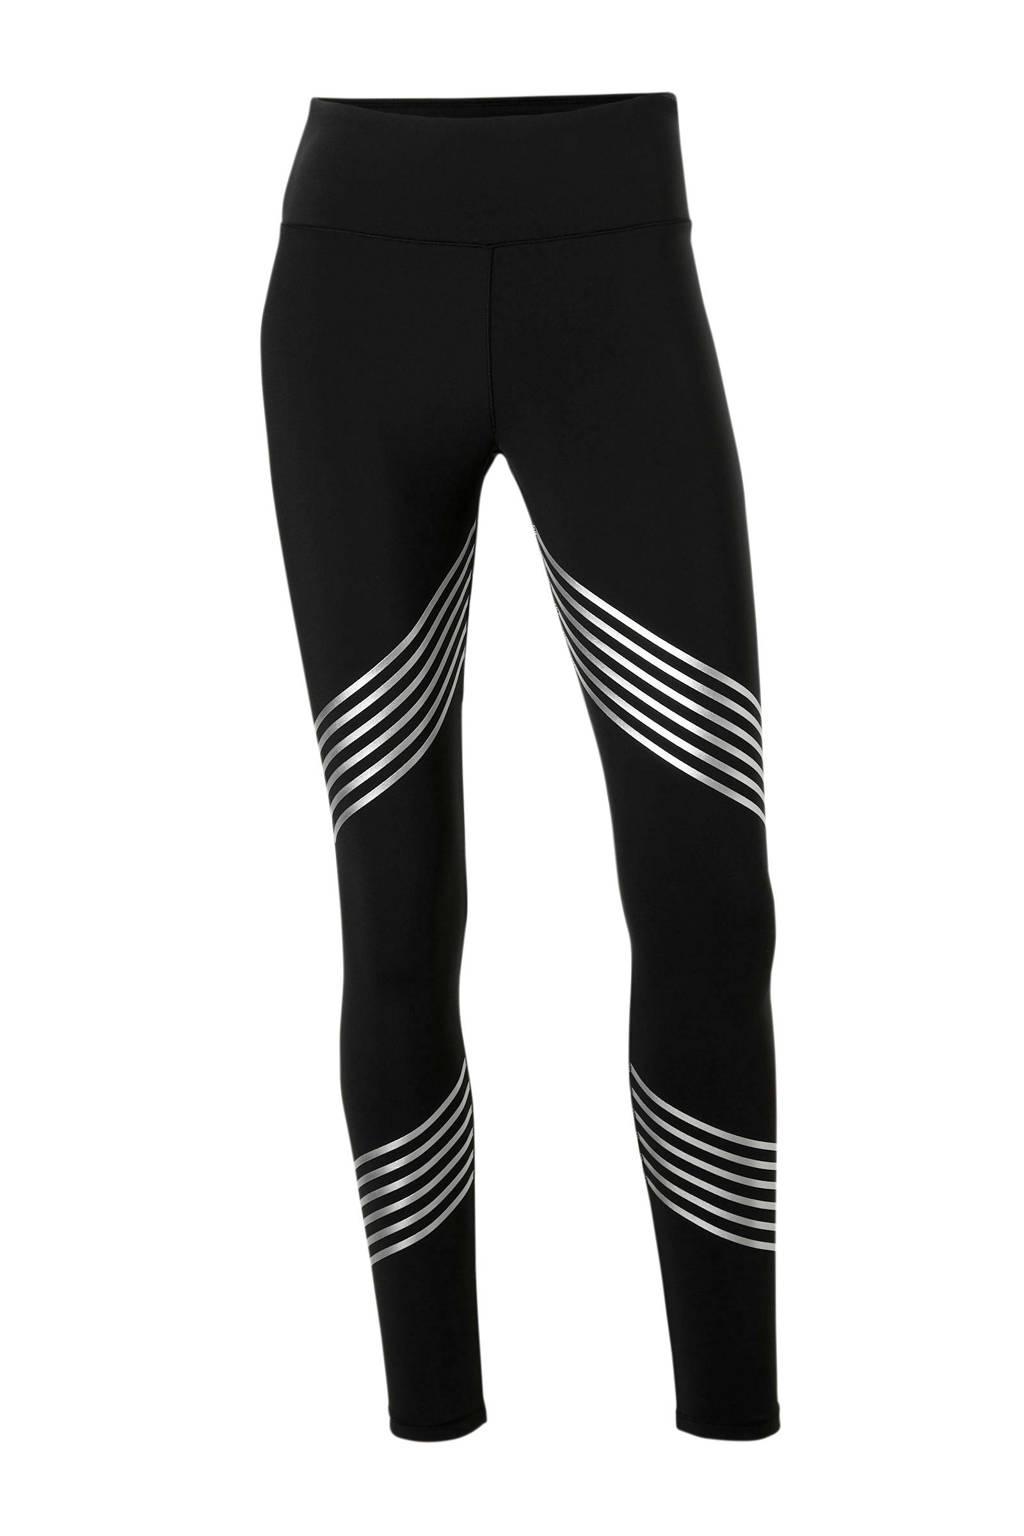 ESPRIT Women Sports sportbroek zwart/zilver, Zwart/zilver